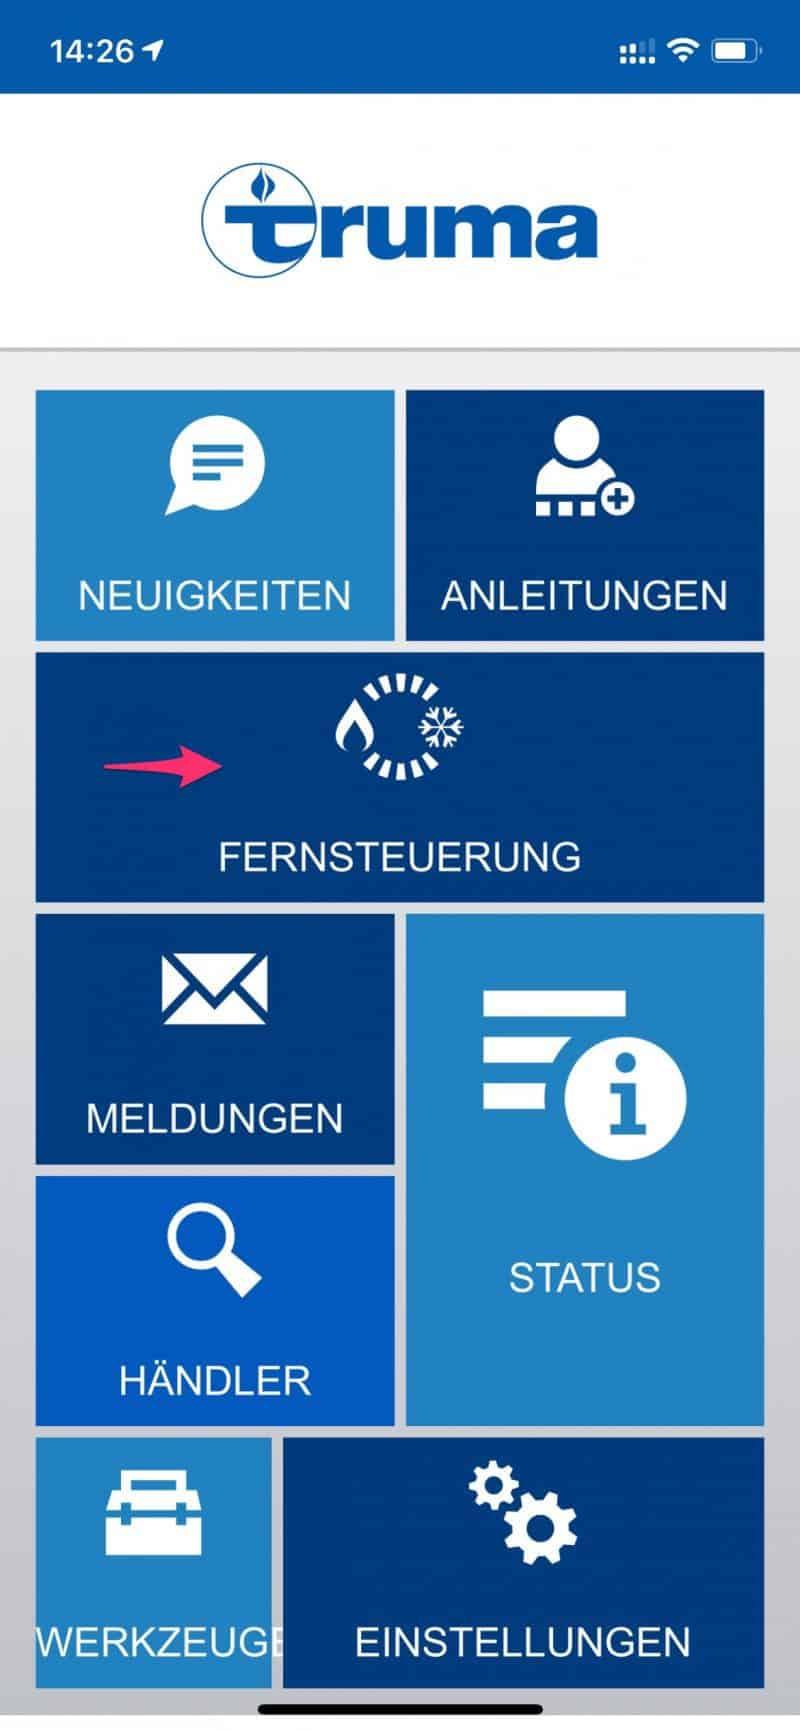 Truma-App-Fernsteuerung